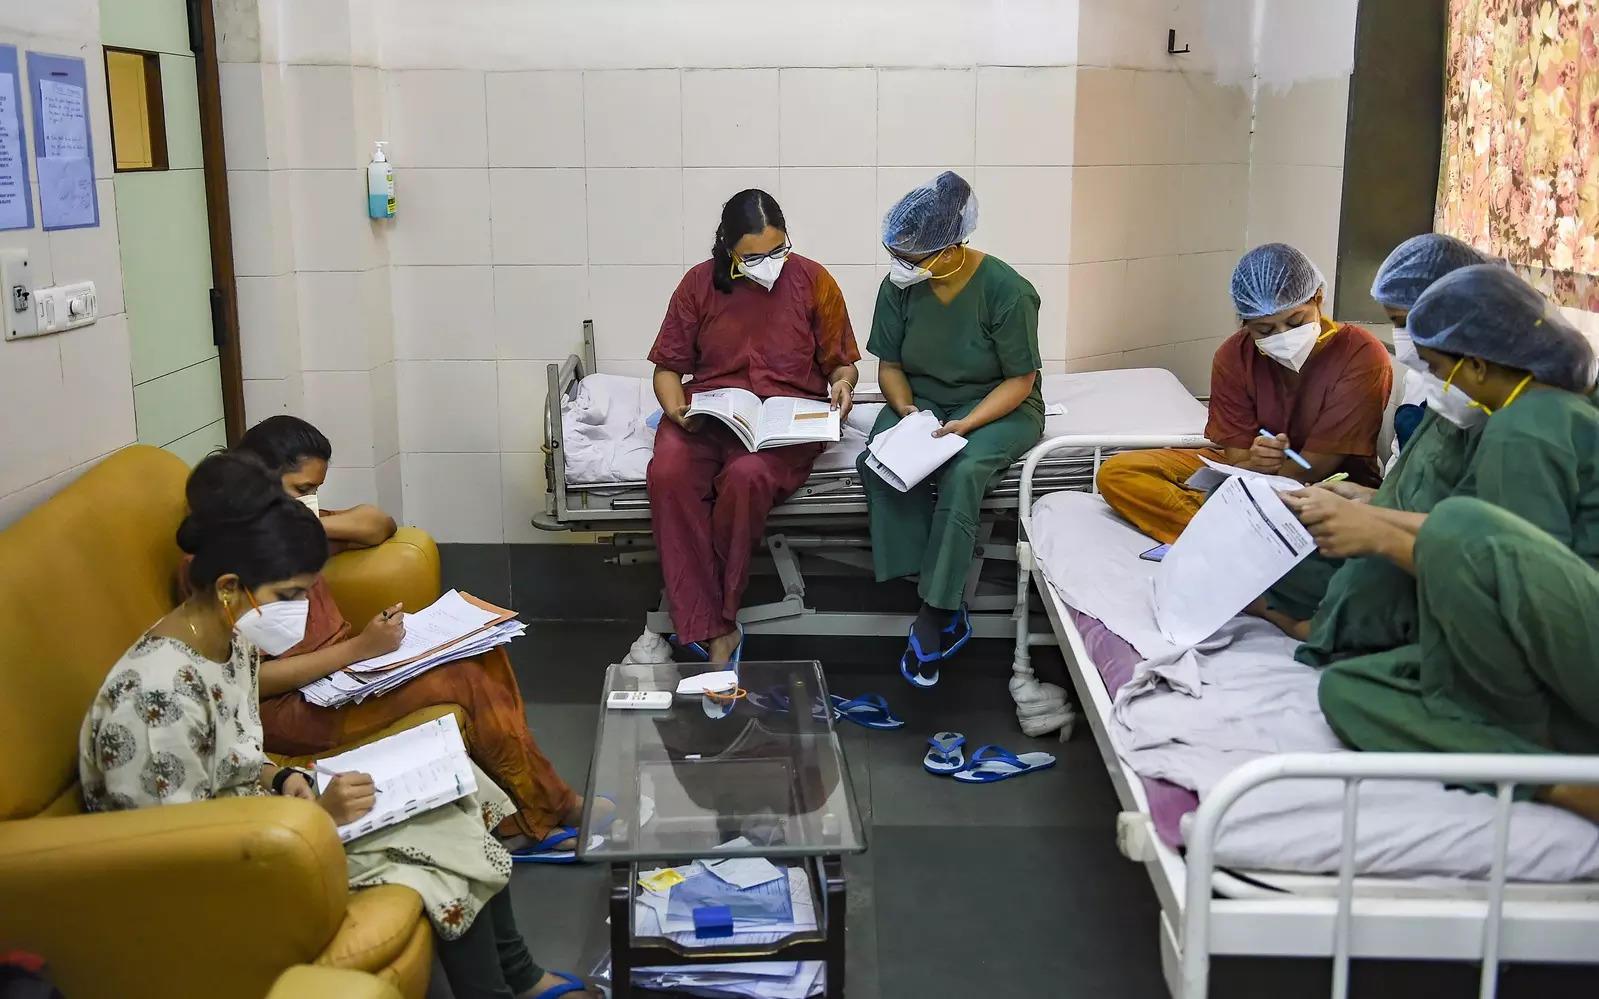 मेड कॉलेजों में कैपिटेशन शुल्क समाप्त करें: राष्ट्रीय चिकित्सा आयोग – ईटी हेल्थवर्ल्ड